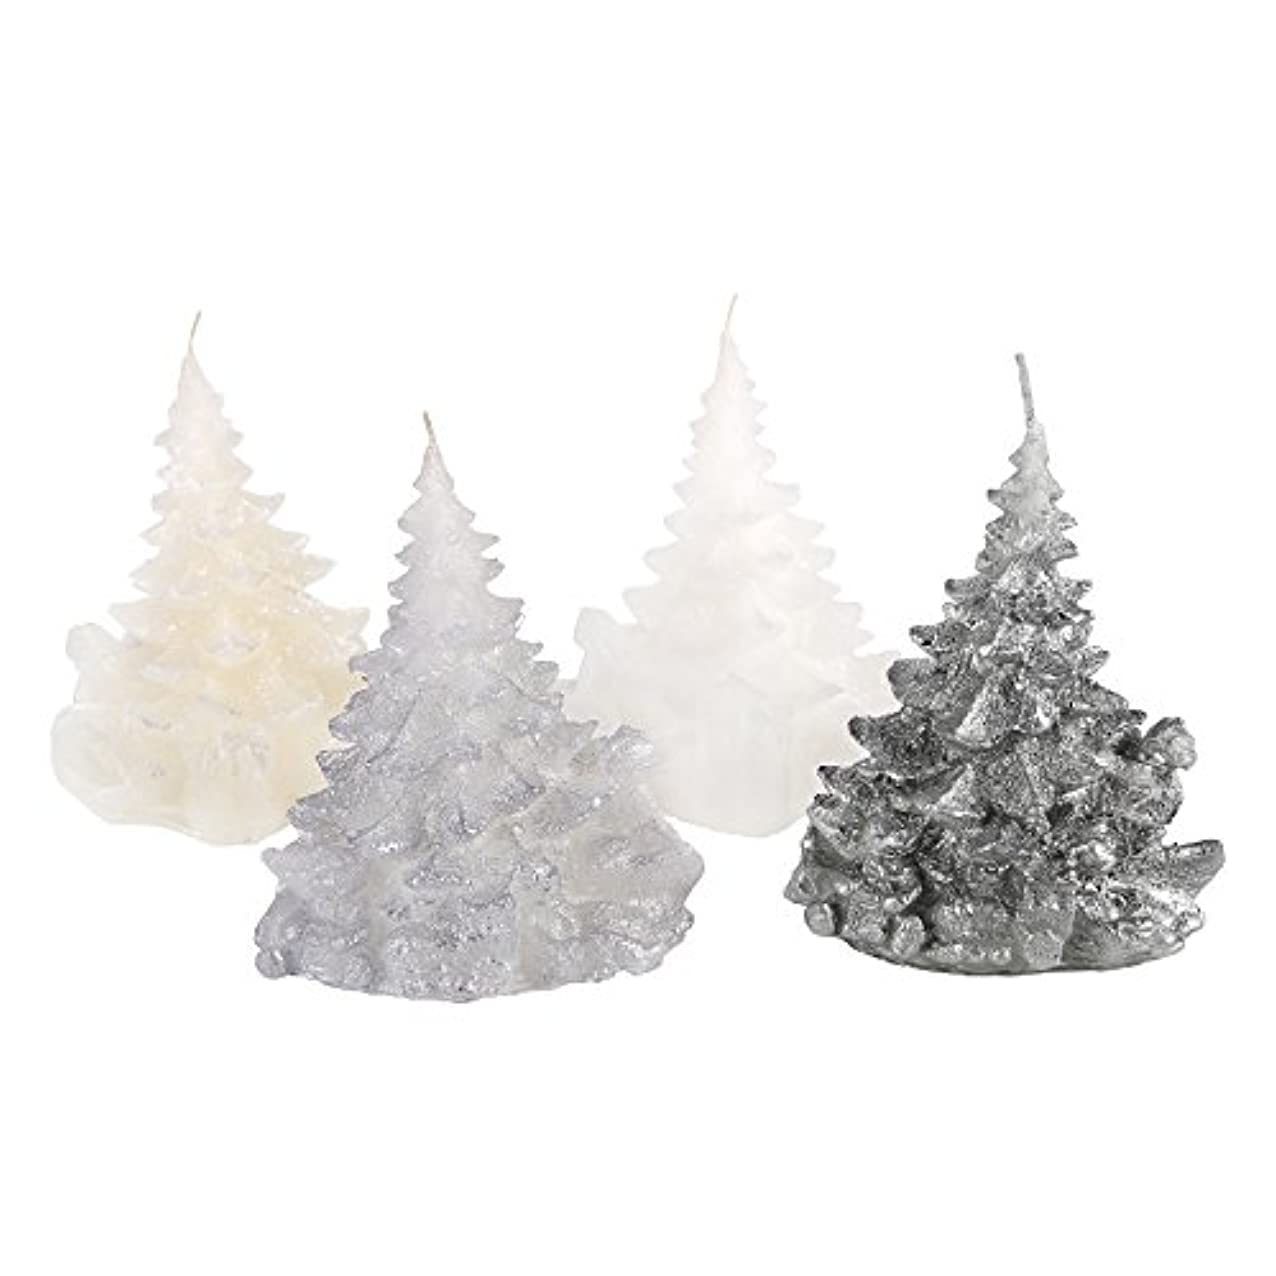 爆弾正確にストレスCandle Atelierハンドメイド休日キャンドル Merry Christmas Trees 4F1-CTP1VTW-0SP